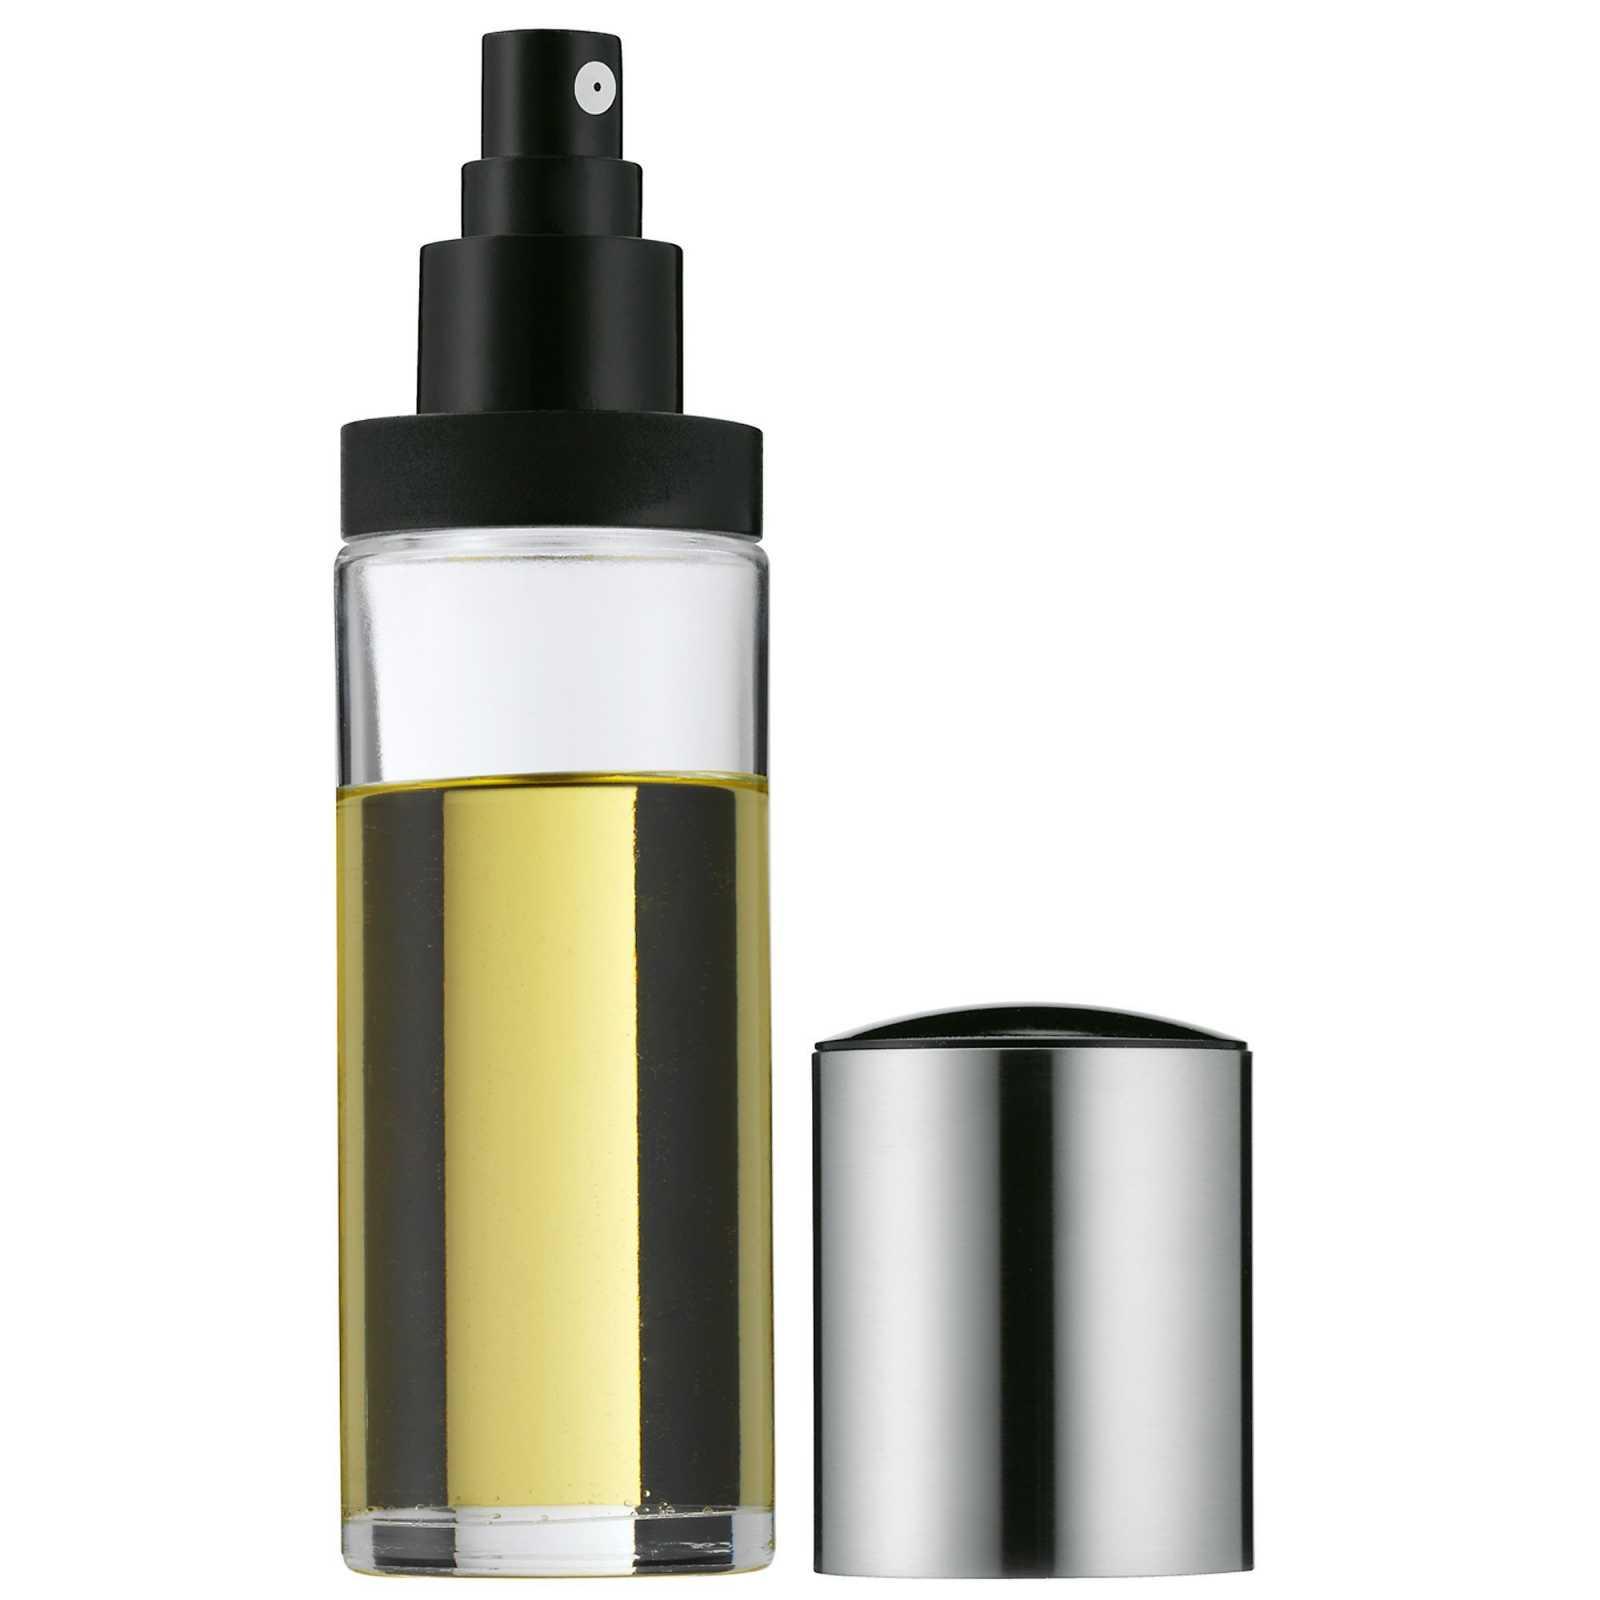 Онлайн каталог PROMENU: Бутылка с распылителем для уксуса WMF, высота 17 см, прозрачный с черным WMF 06 1927 6030